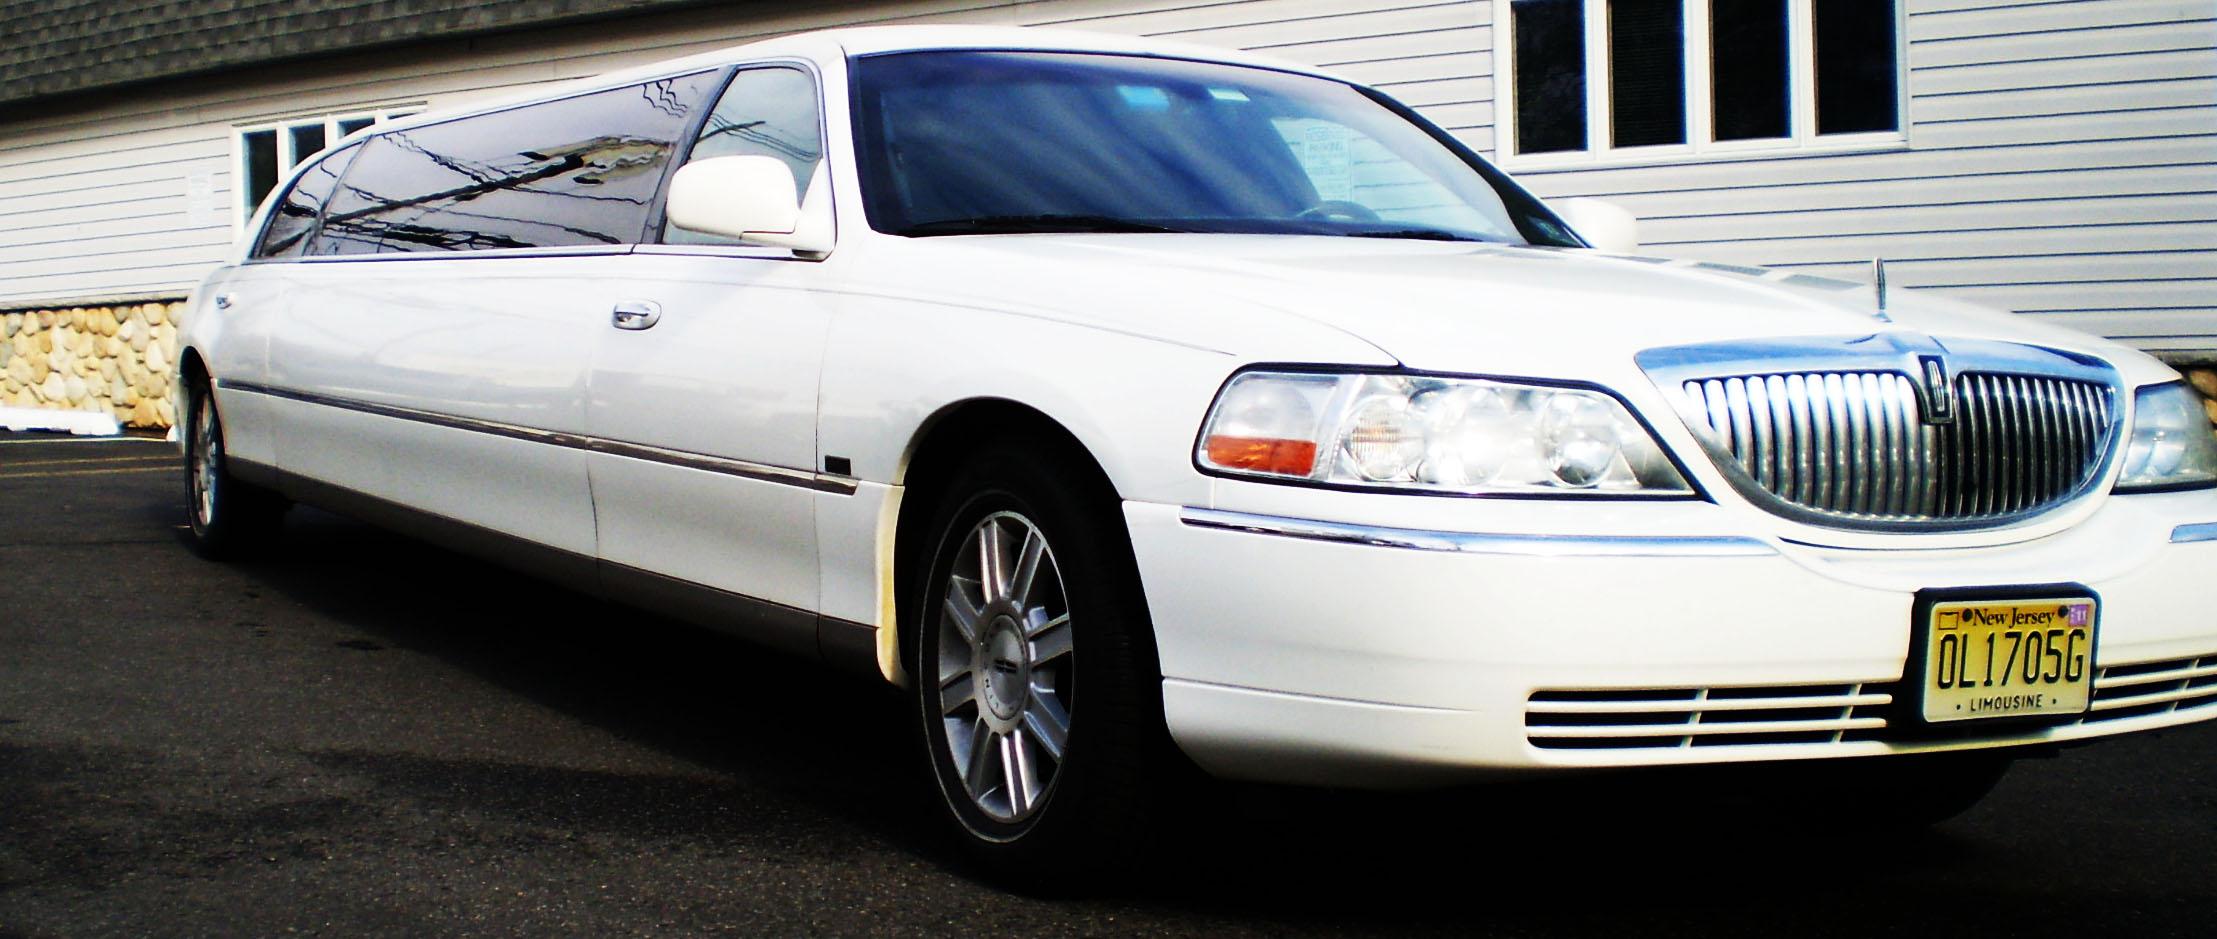 Lincoln Stretch Limousine Service